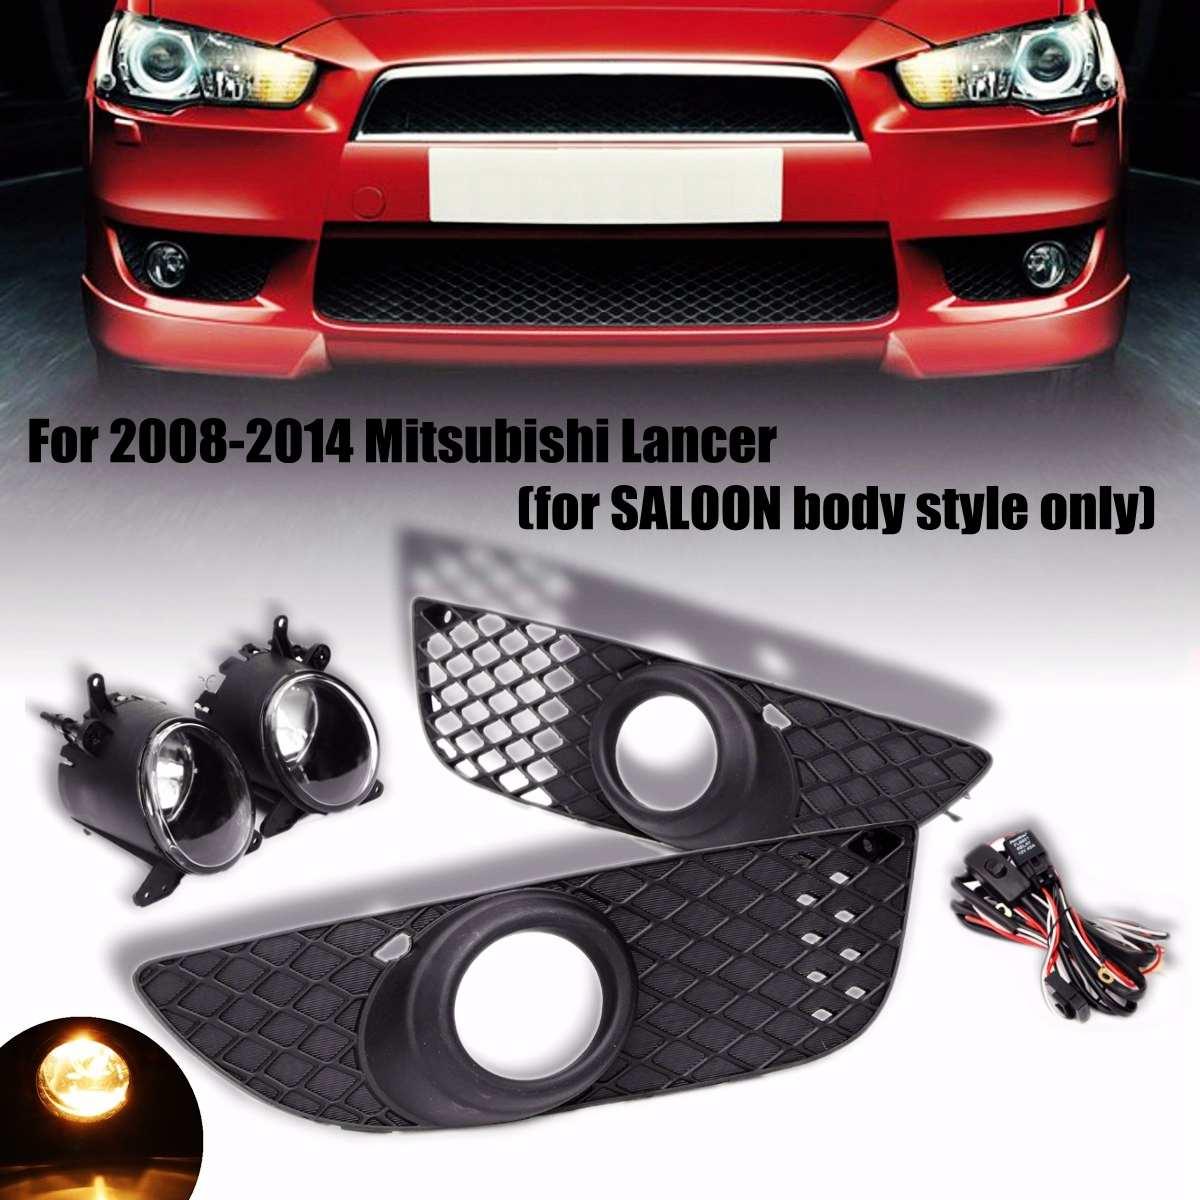 Para Mitsubishi Lancer 2008-2014 Luzes de Nevoeiro Da Frente Da Lâmpada Bumper Grille Cobertura de Guarnição Nevoeiro Luzes de Condução Hook-up interruptor fio Kit